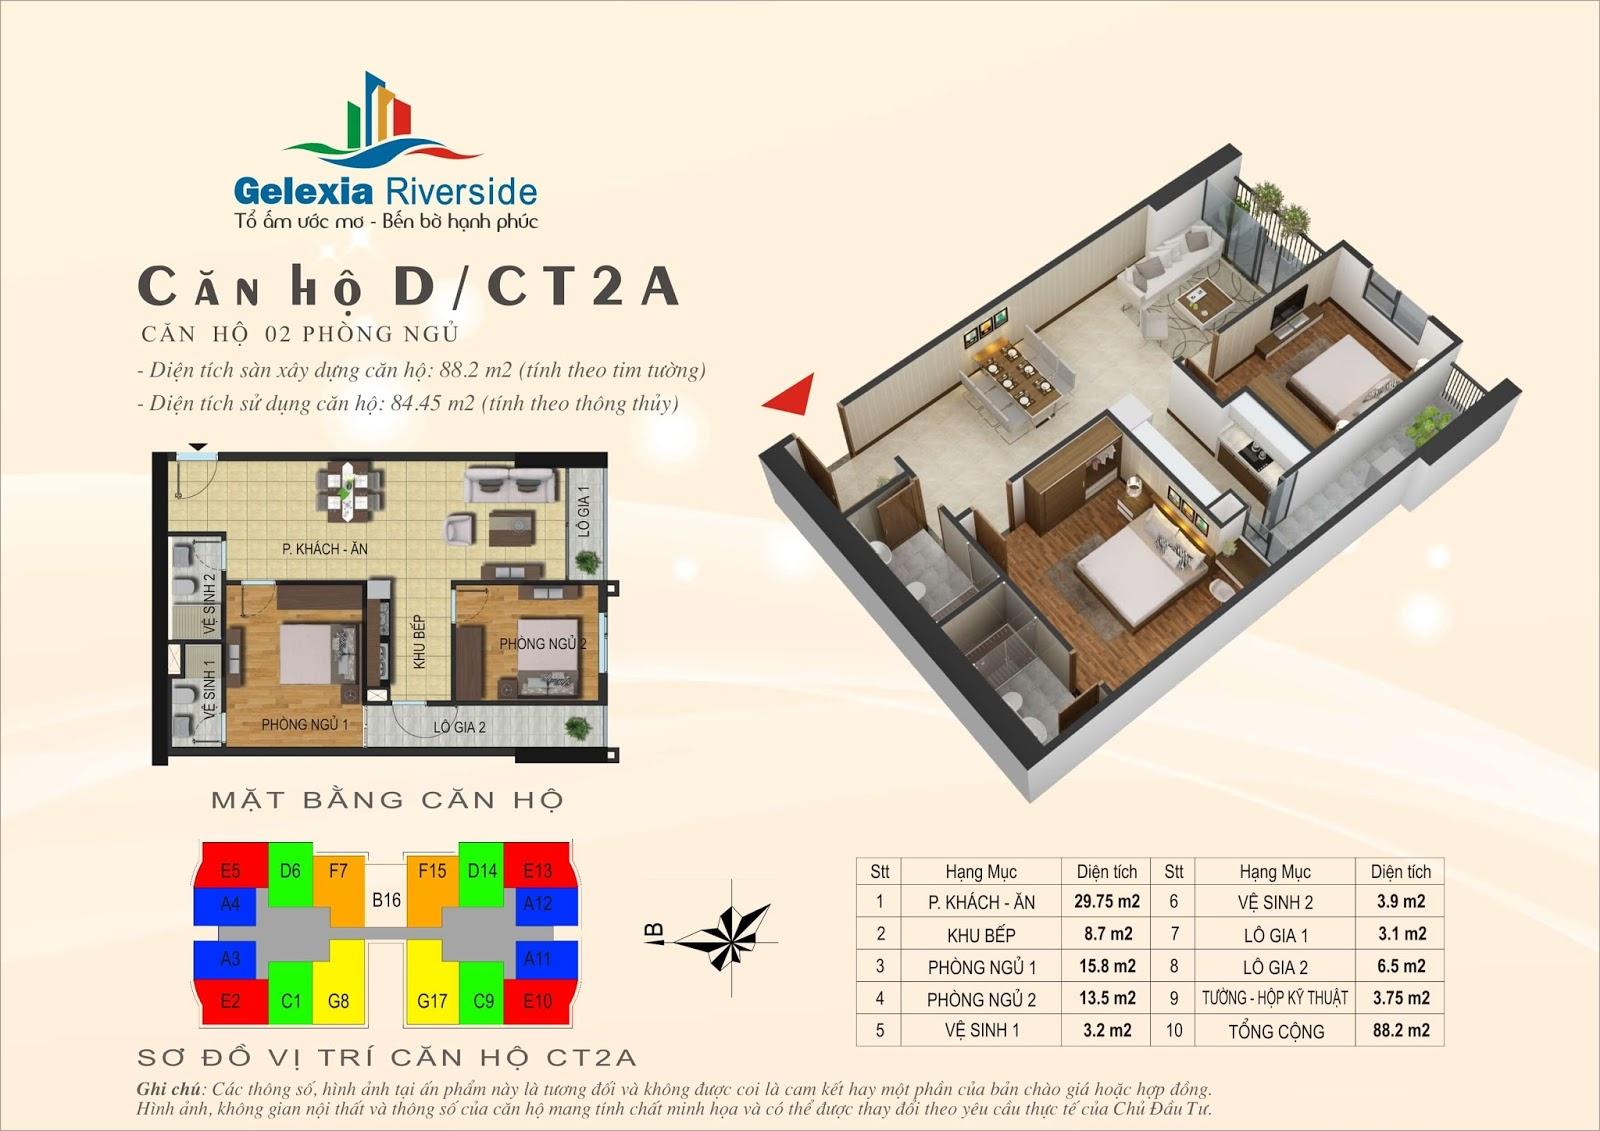 Mặt bằng căn hộ 88,2 m2 tòa CT2A - Gelexia Riverside